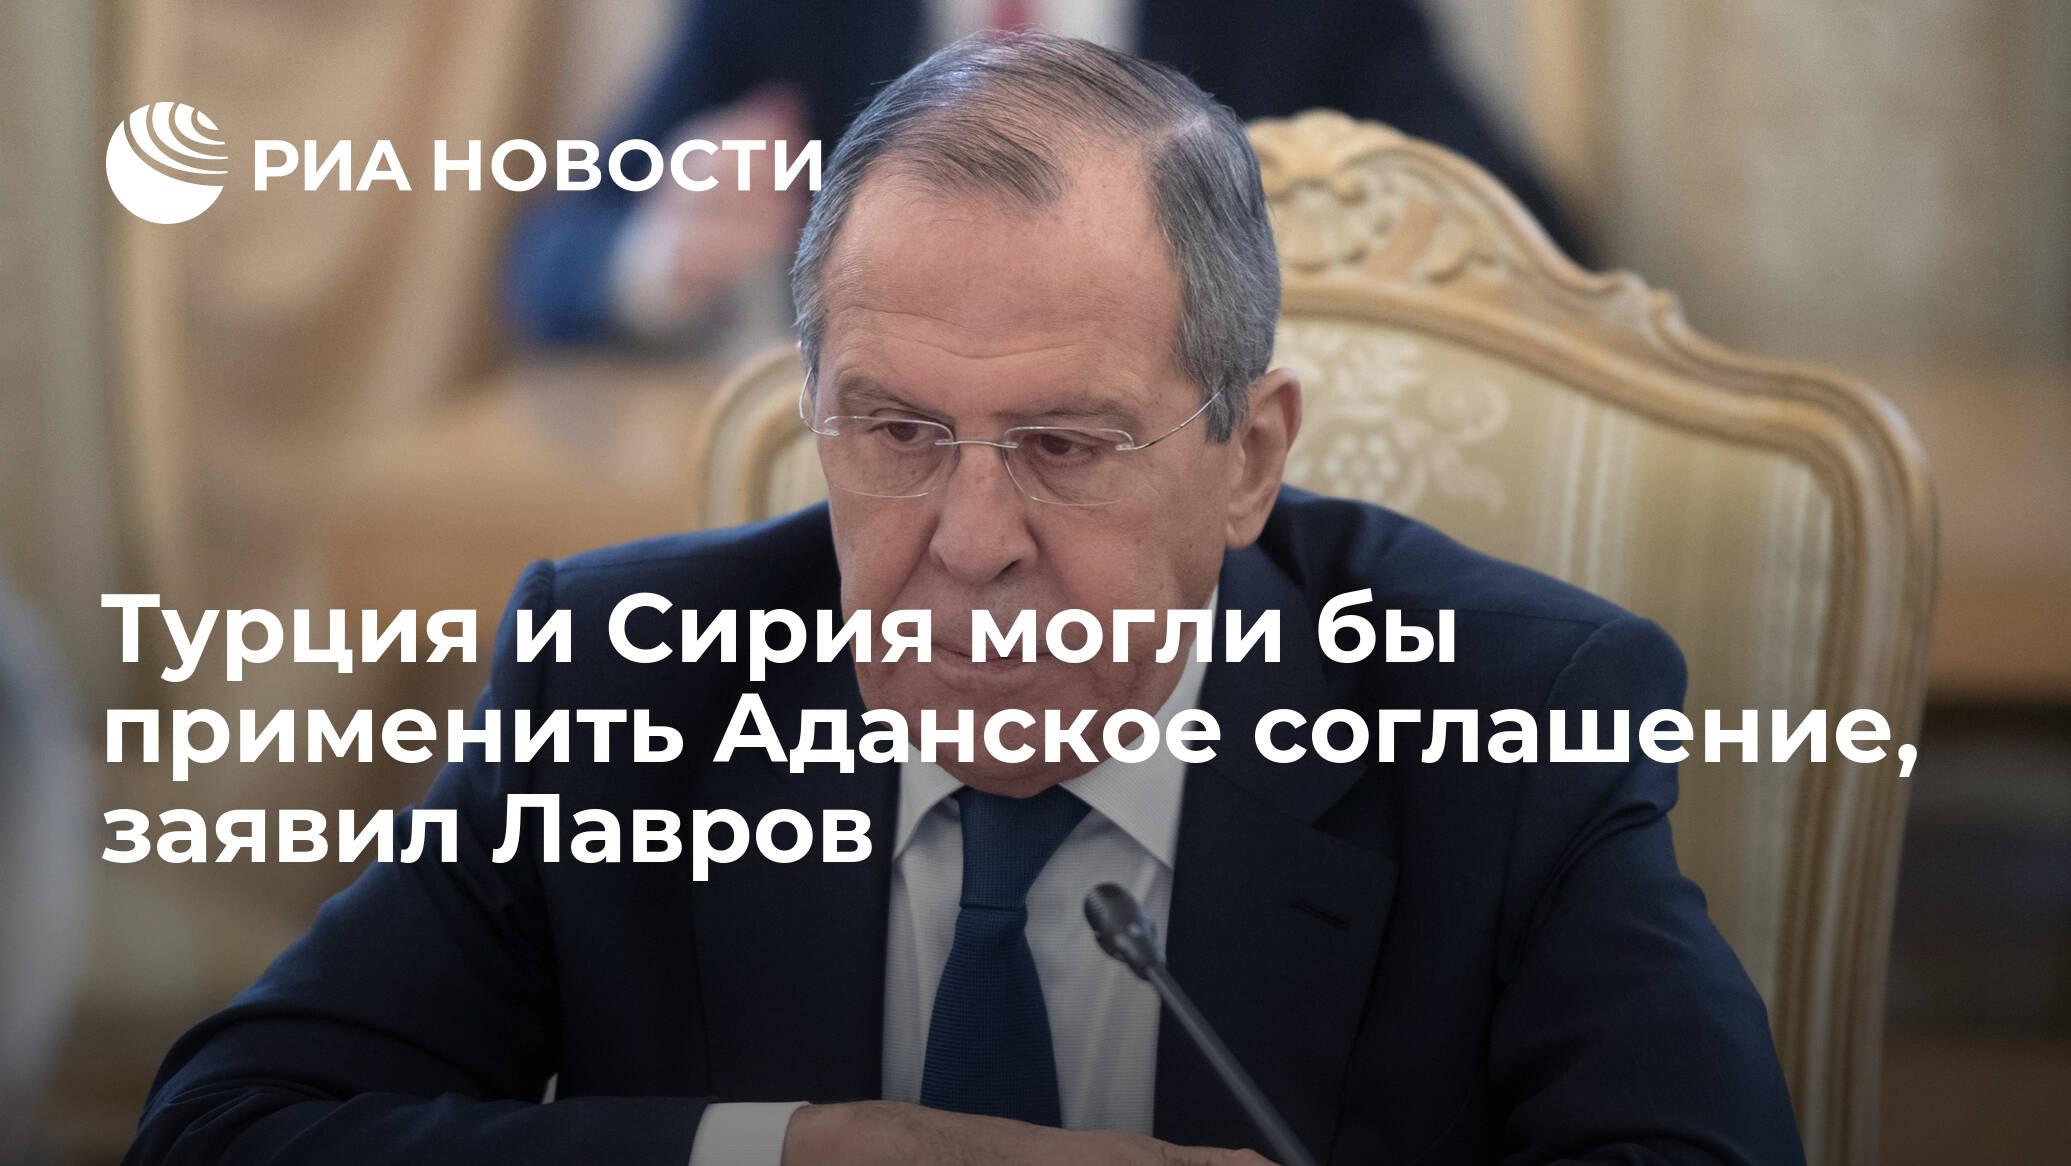 Турция и Сирия могли бы применить Аданское соглашение, заявил Лавров